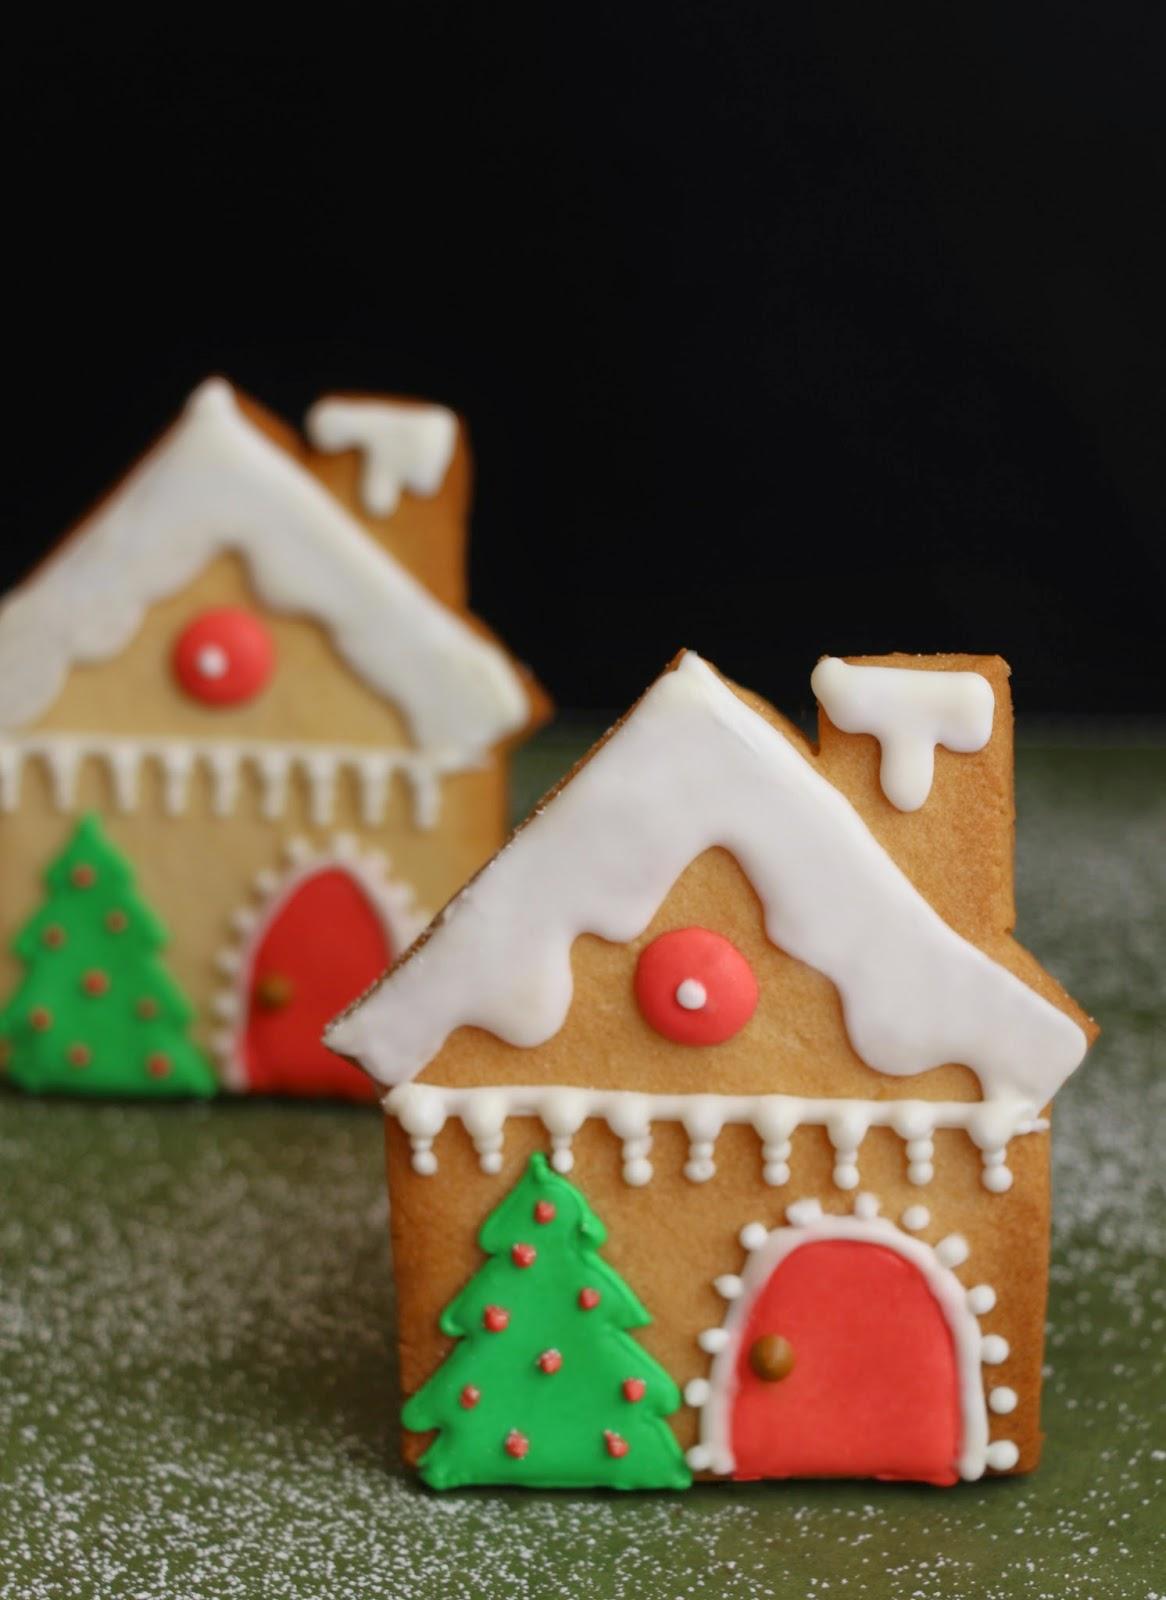 galletas casita navidad